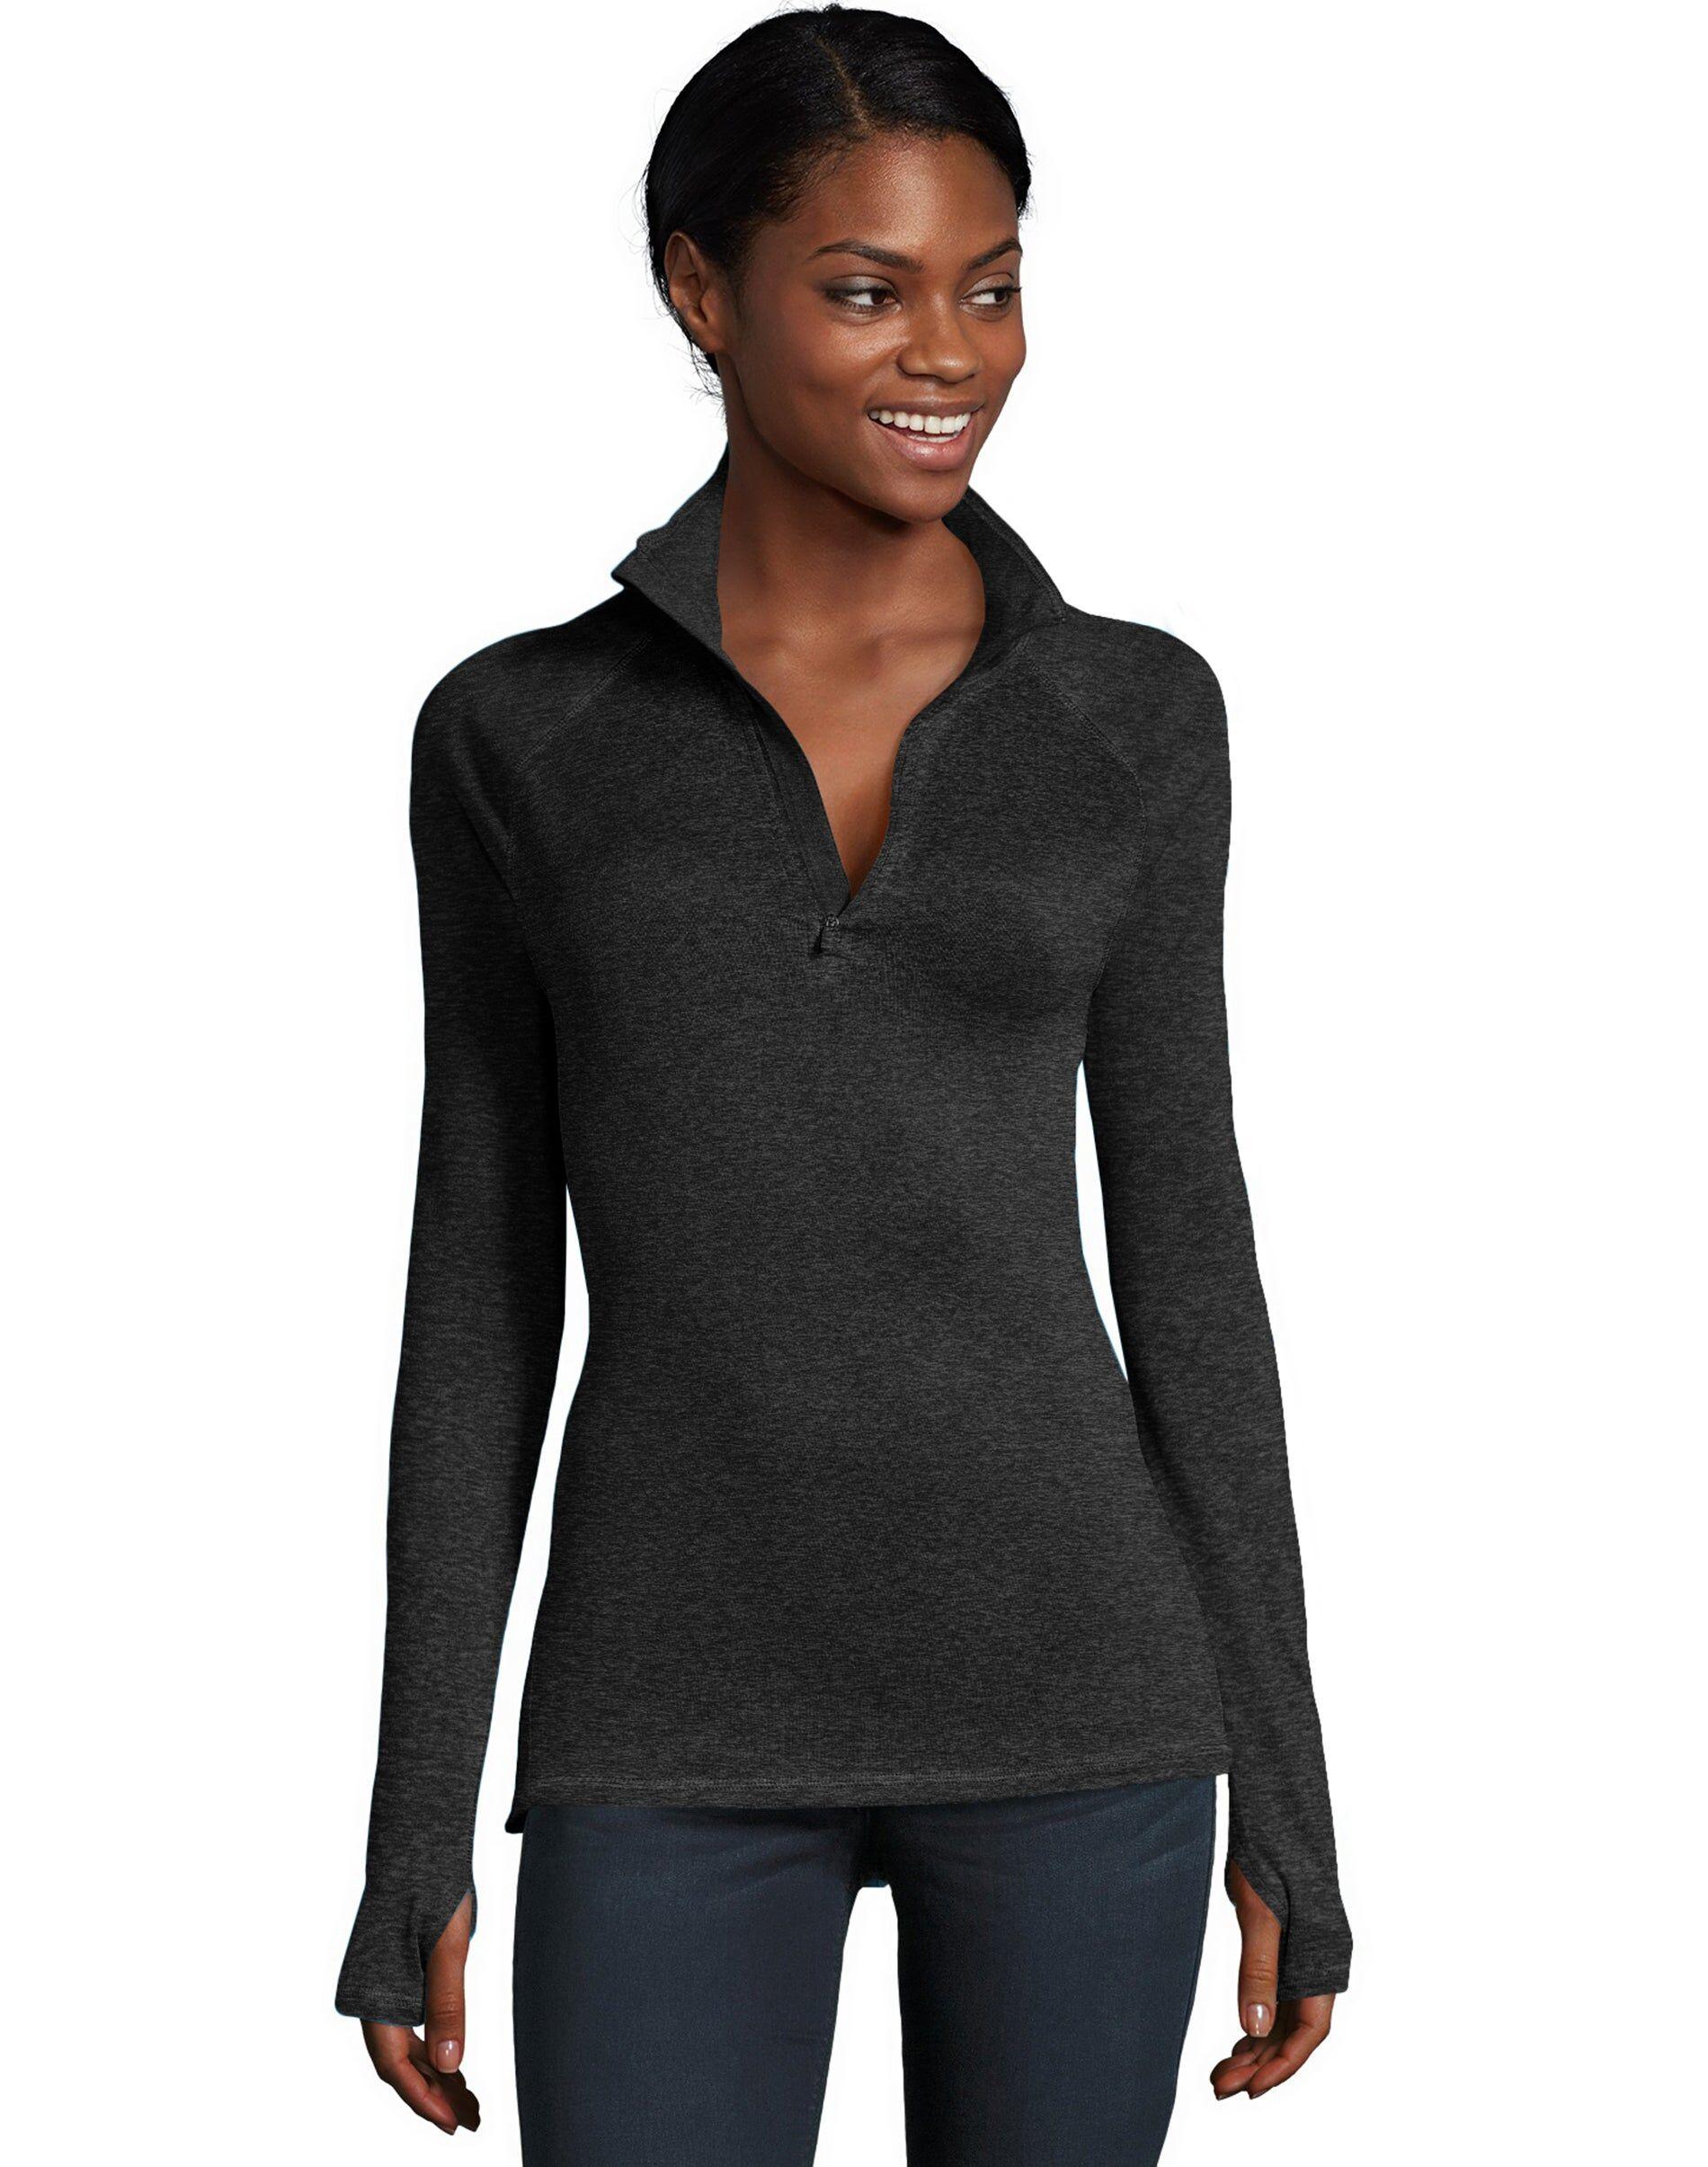 Hanes Sport Women's Performance Quarter Zip Sweatshirt Black Heather L